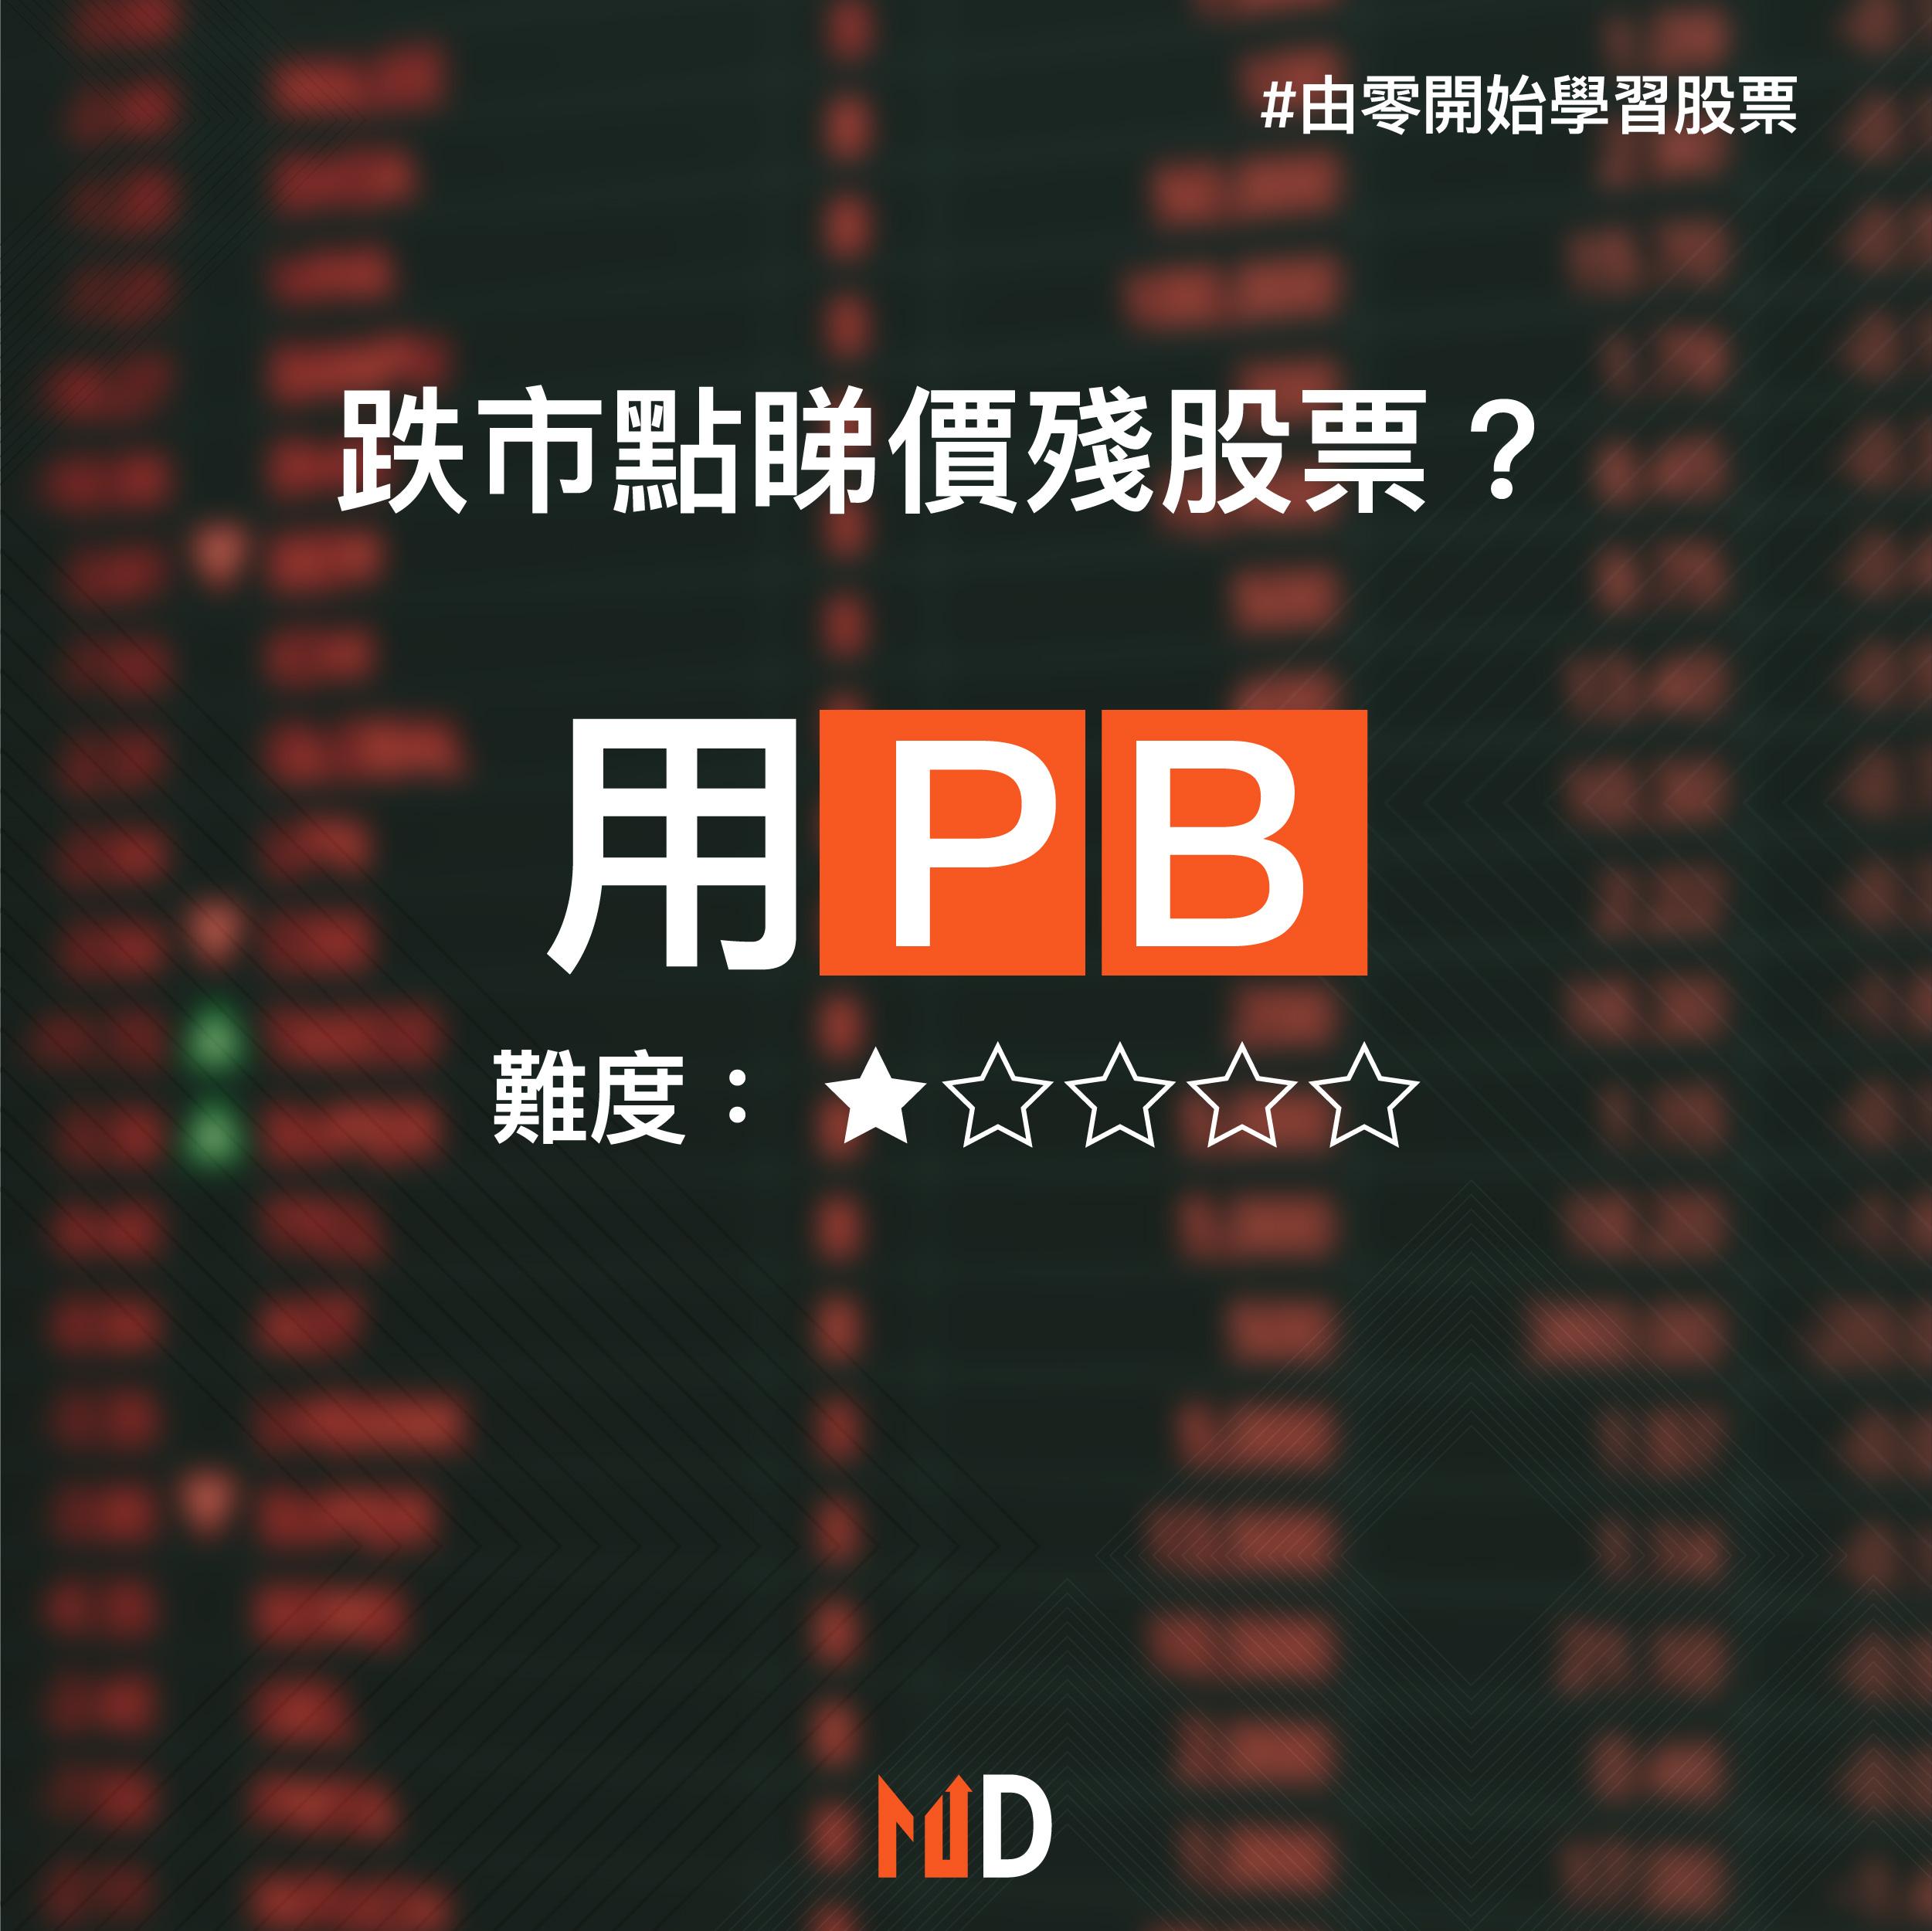 【由零開始學習股票】跌市點睇價殘股票?用市帳率(PB)